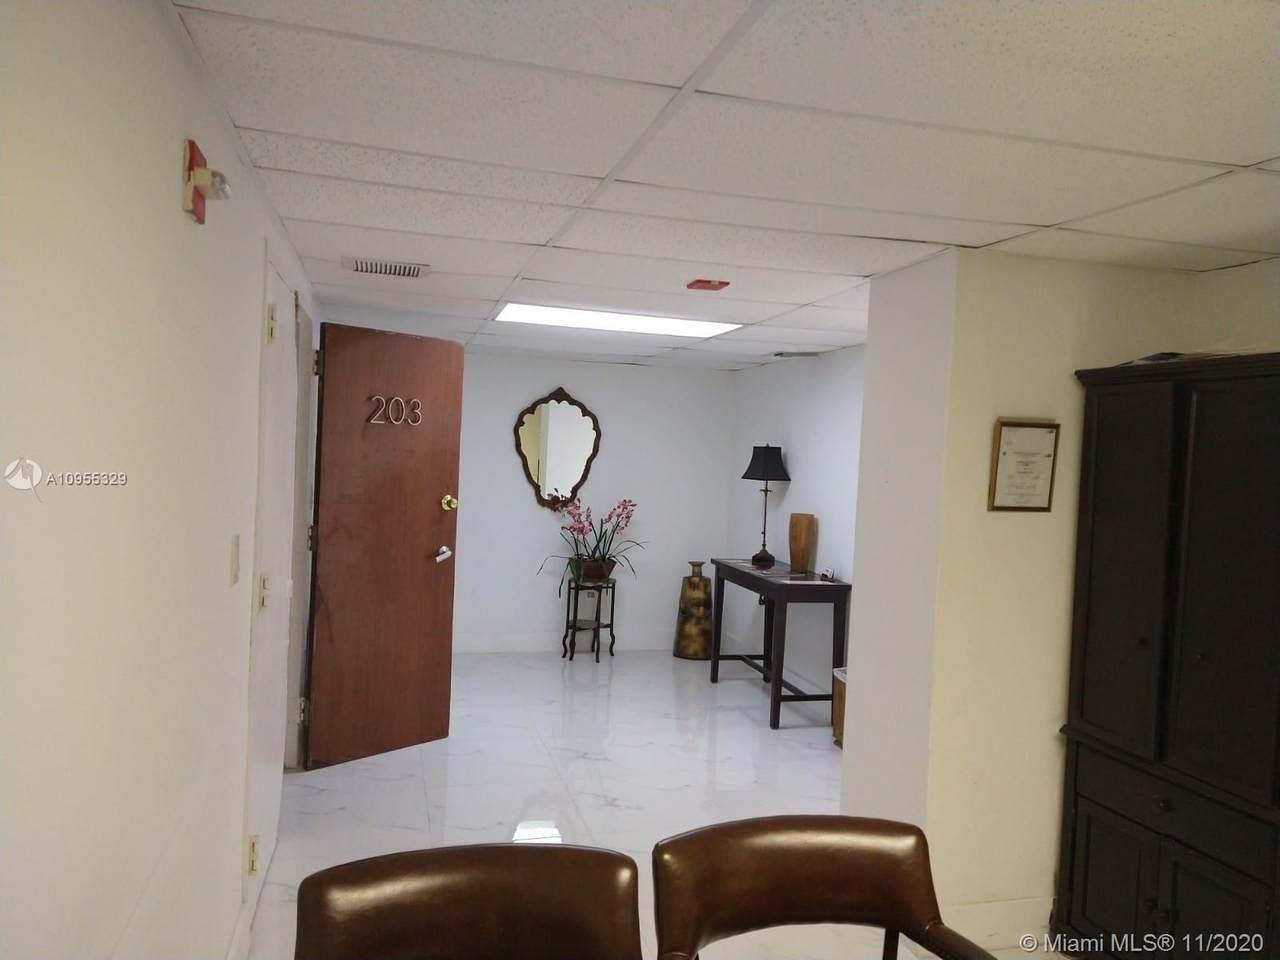 13499 Biscayne Blvd - Photo 1